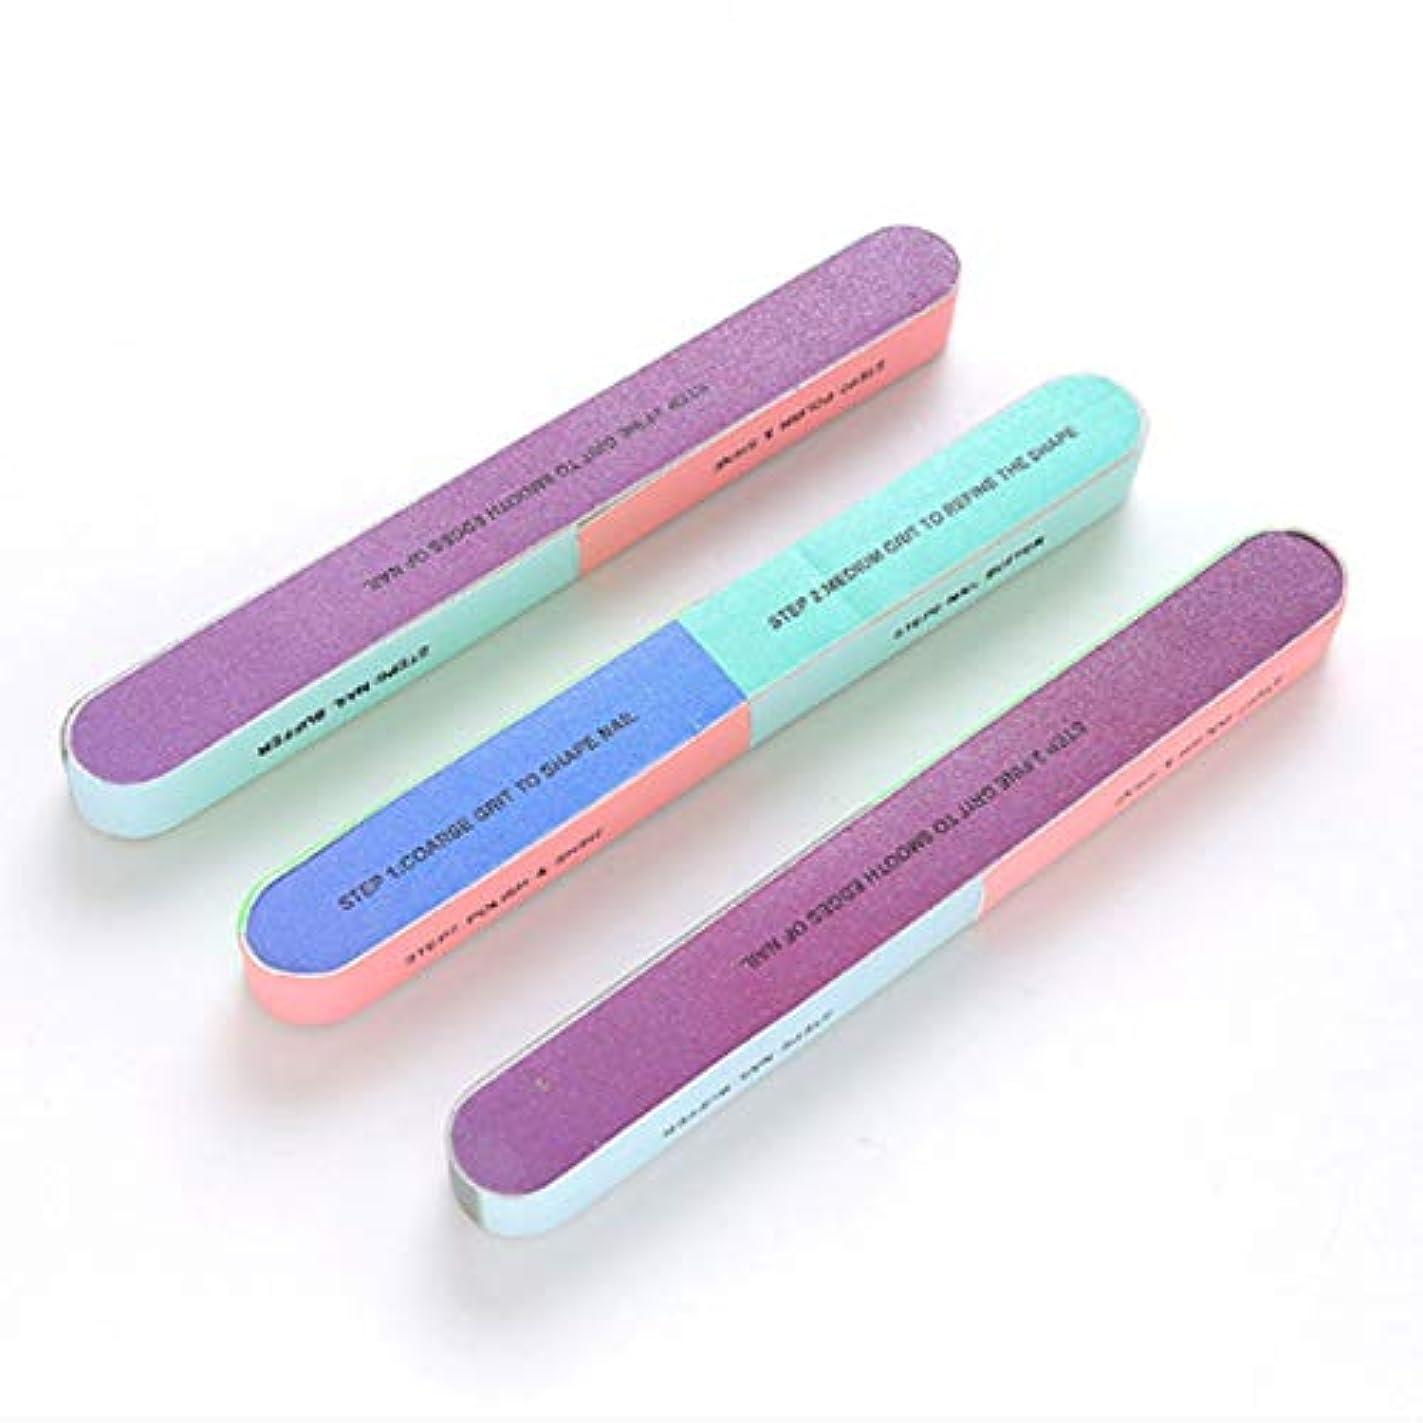 BATEIN ネイルシャイナー ヌードネイル 爪磨き 爪やすり ピカピカ やすり つめみがき ネイルケア